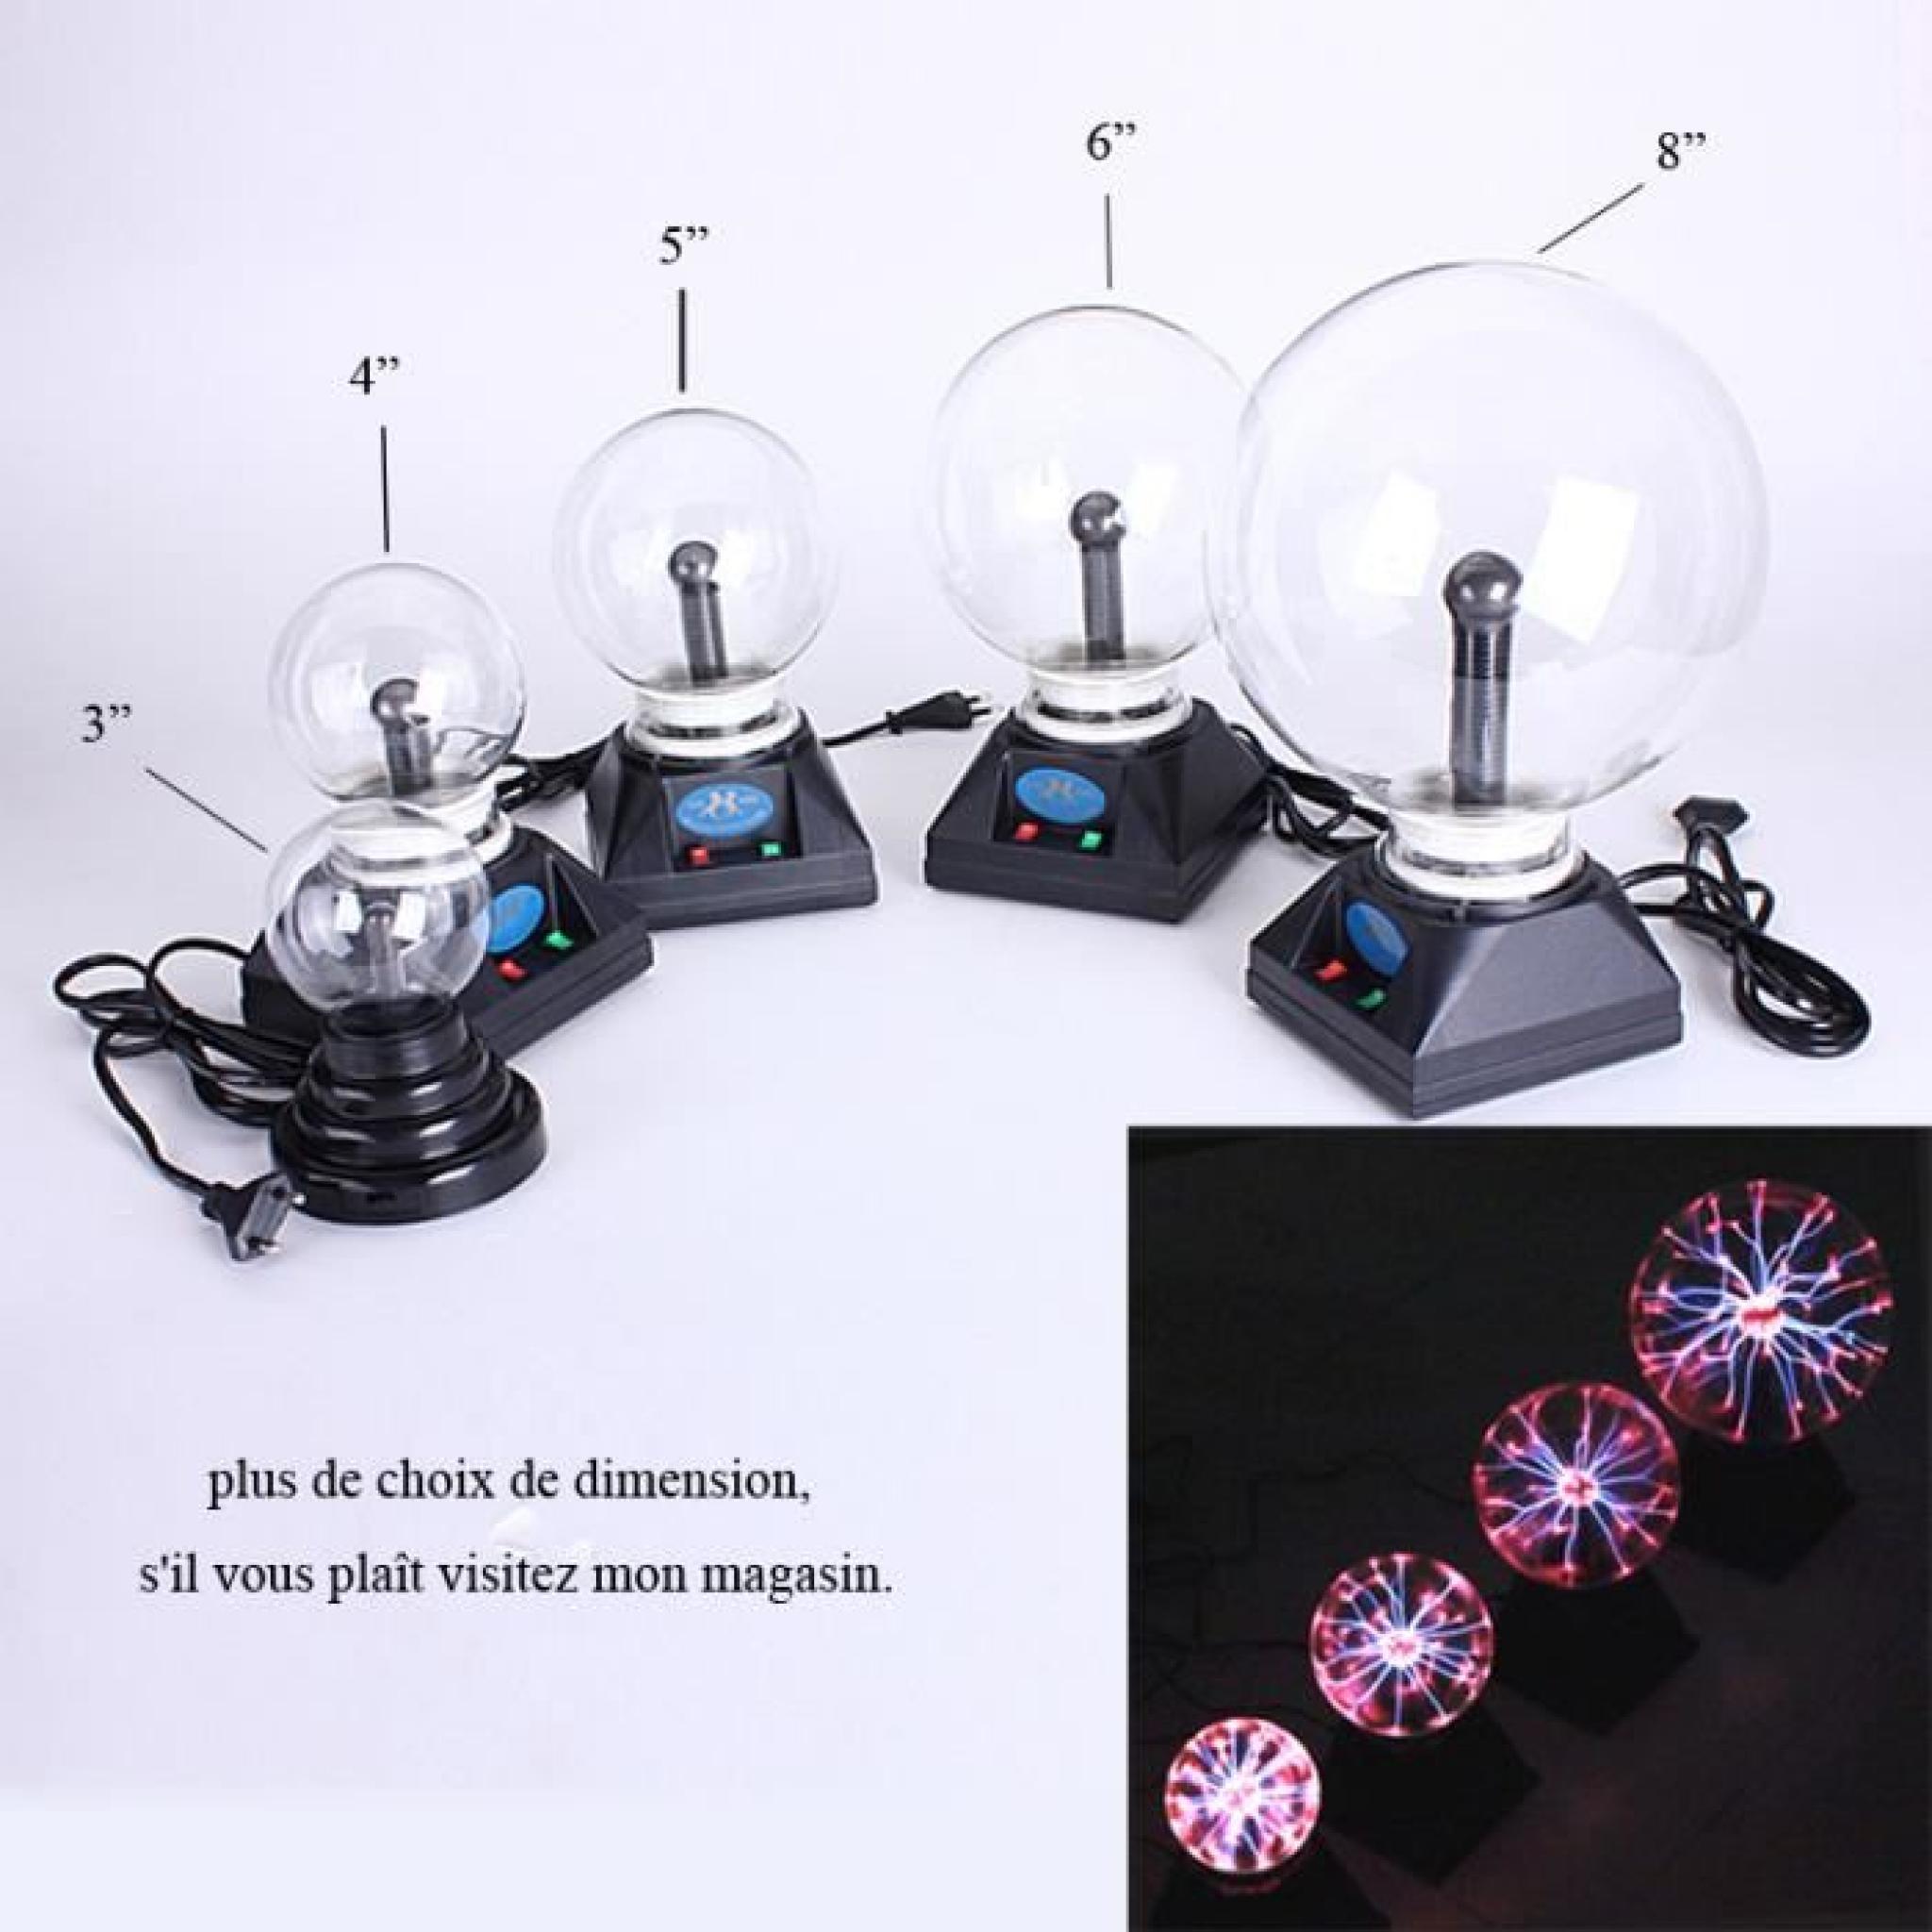 Bro Lampe Boule Plasma Magique Eclairs 6 Achat Vente Lampe A